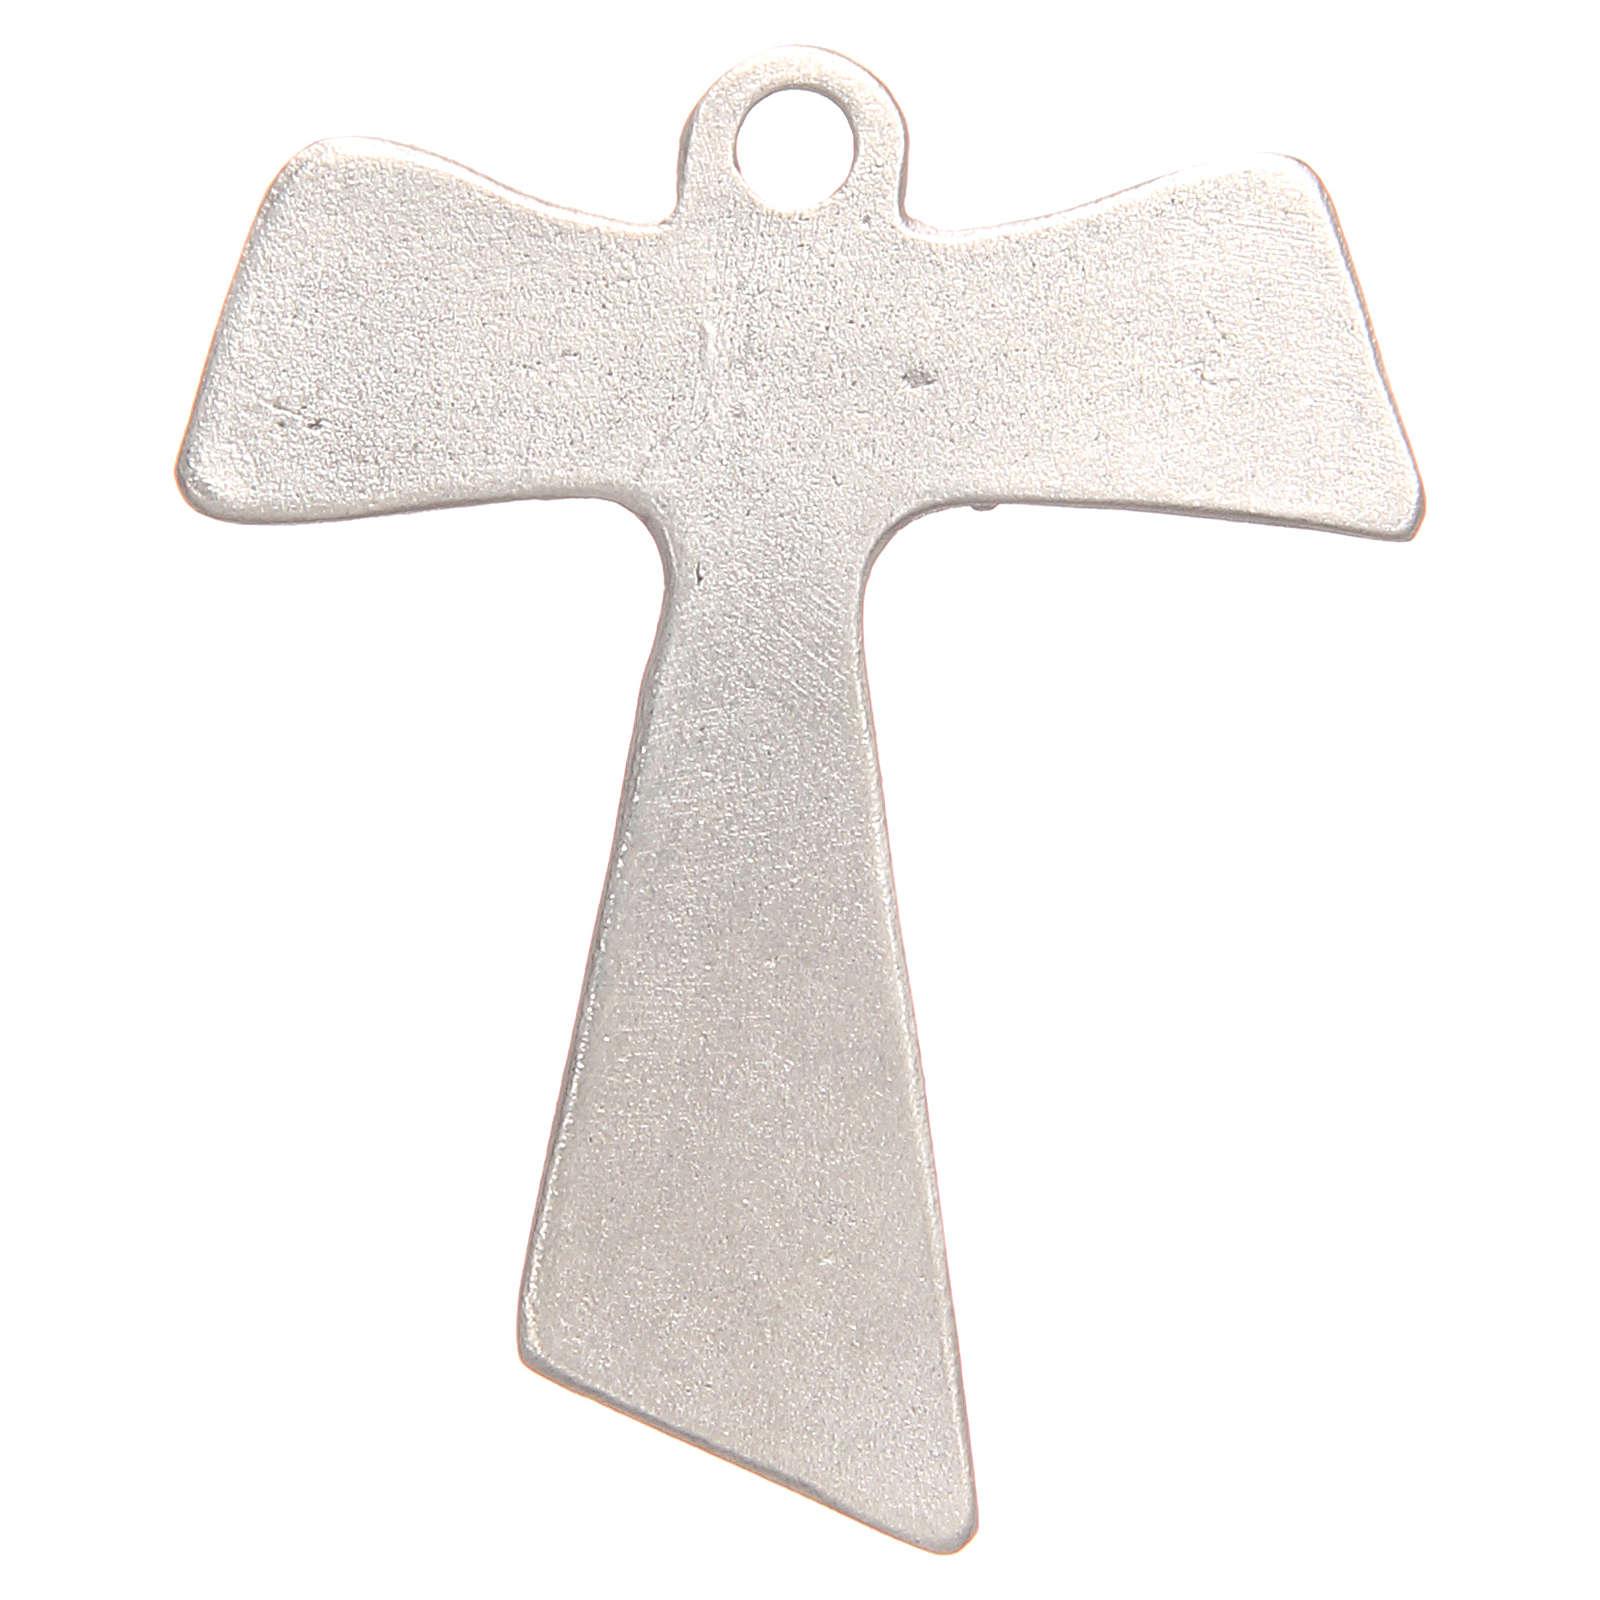 Krzyż tau Pax et Bonum galwanizowane srebro 4